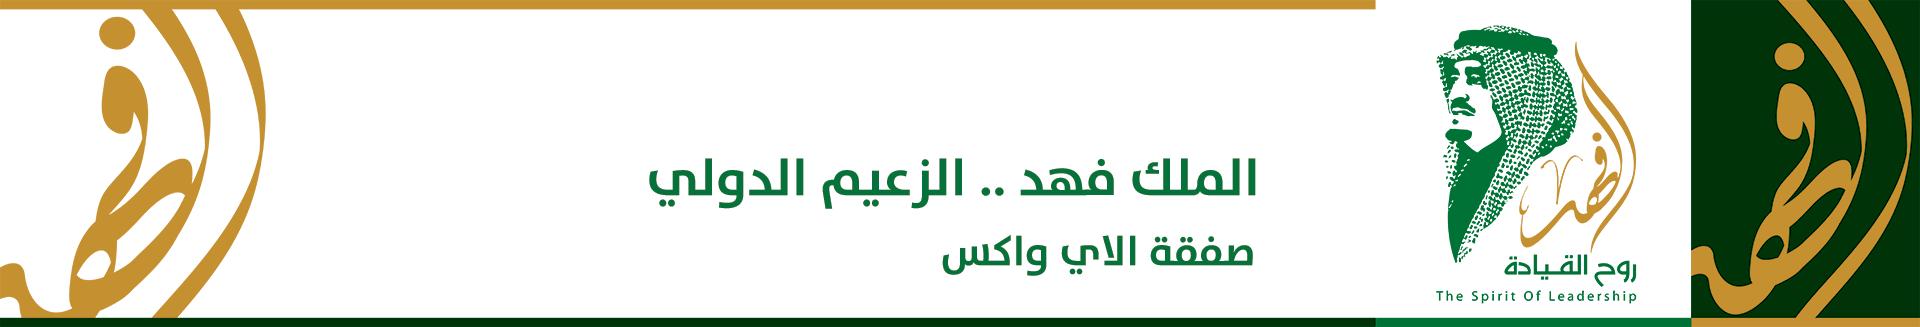 الملك فهد وصفقة الاواكس